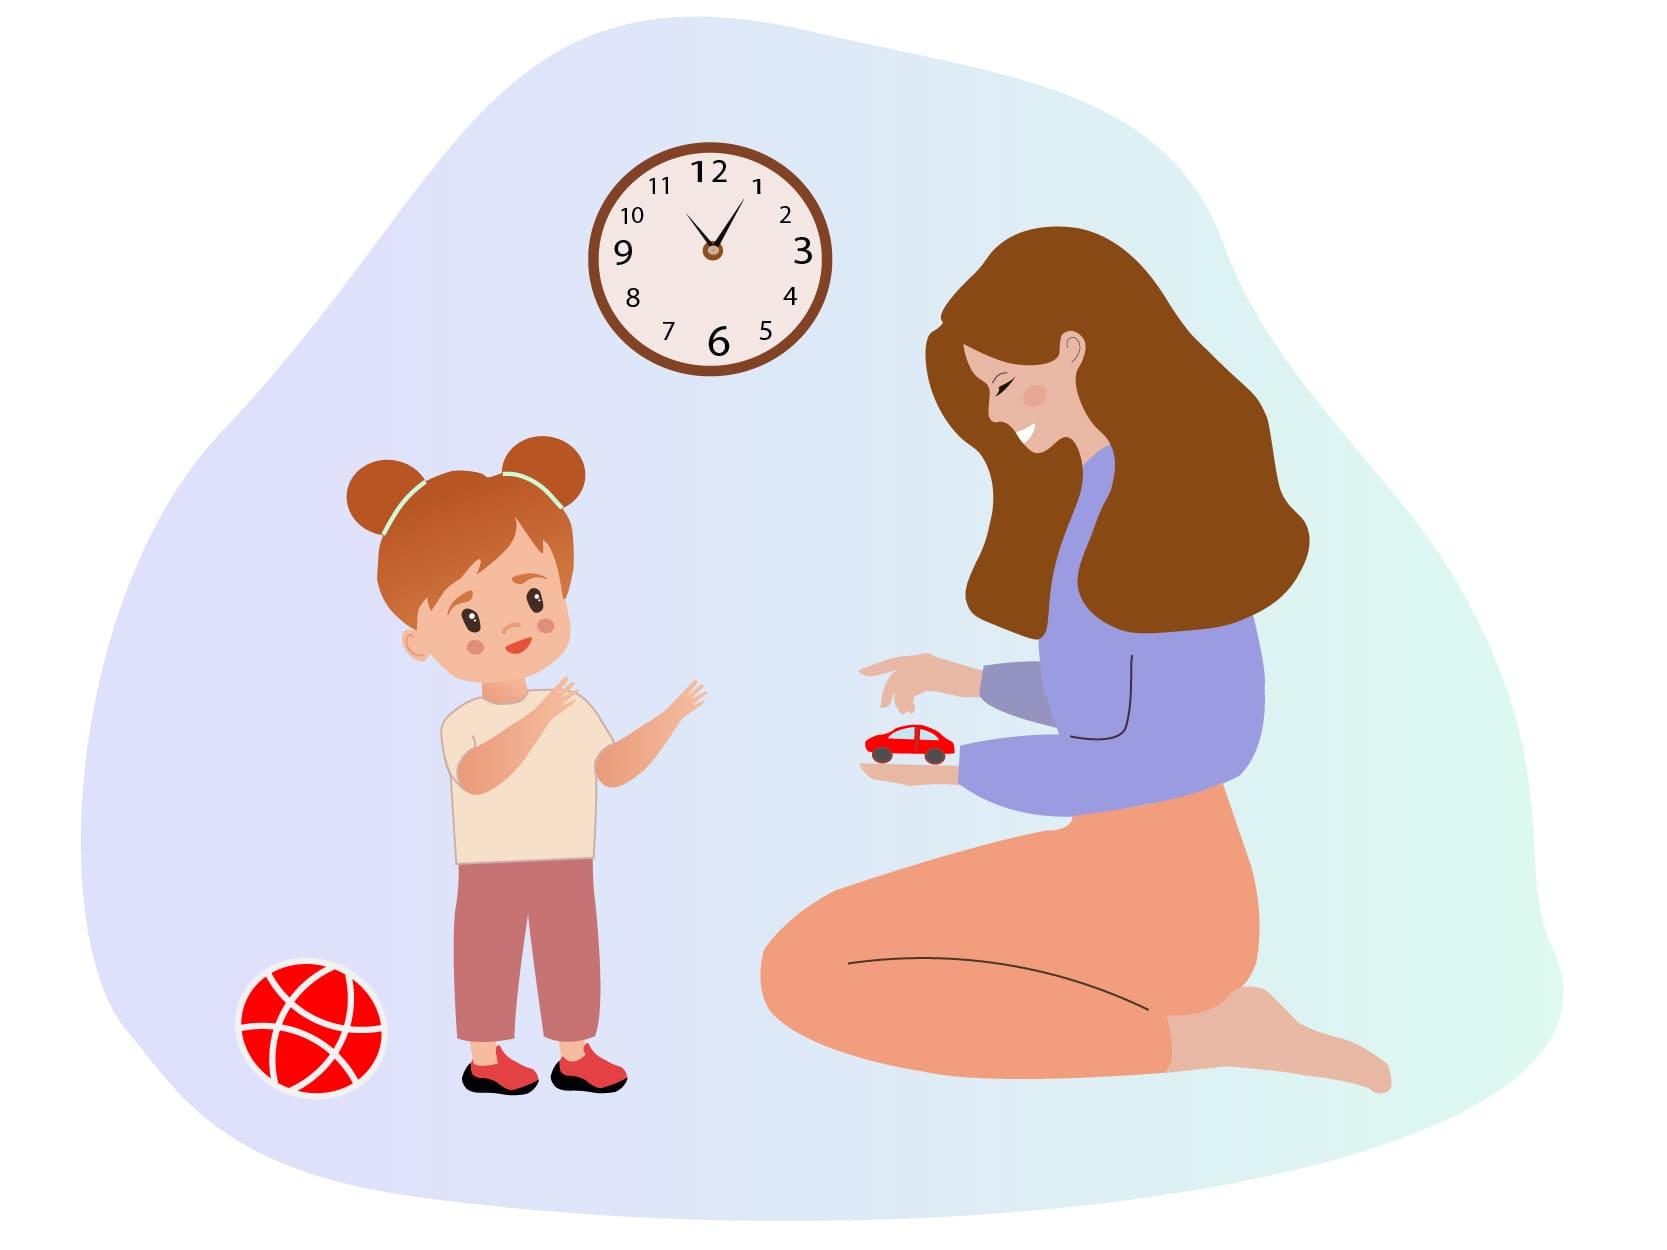 Oppas aan huis die met het oppaskindje speelt omdat de ouders hebben gekozen voor kinderopvang aan huis